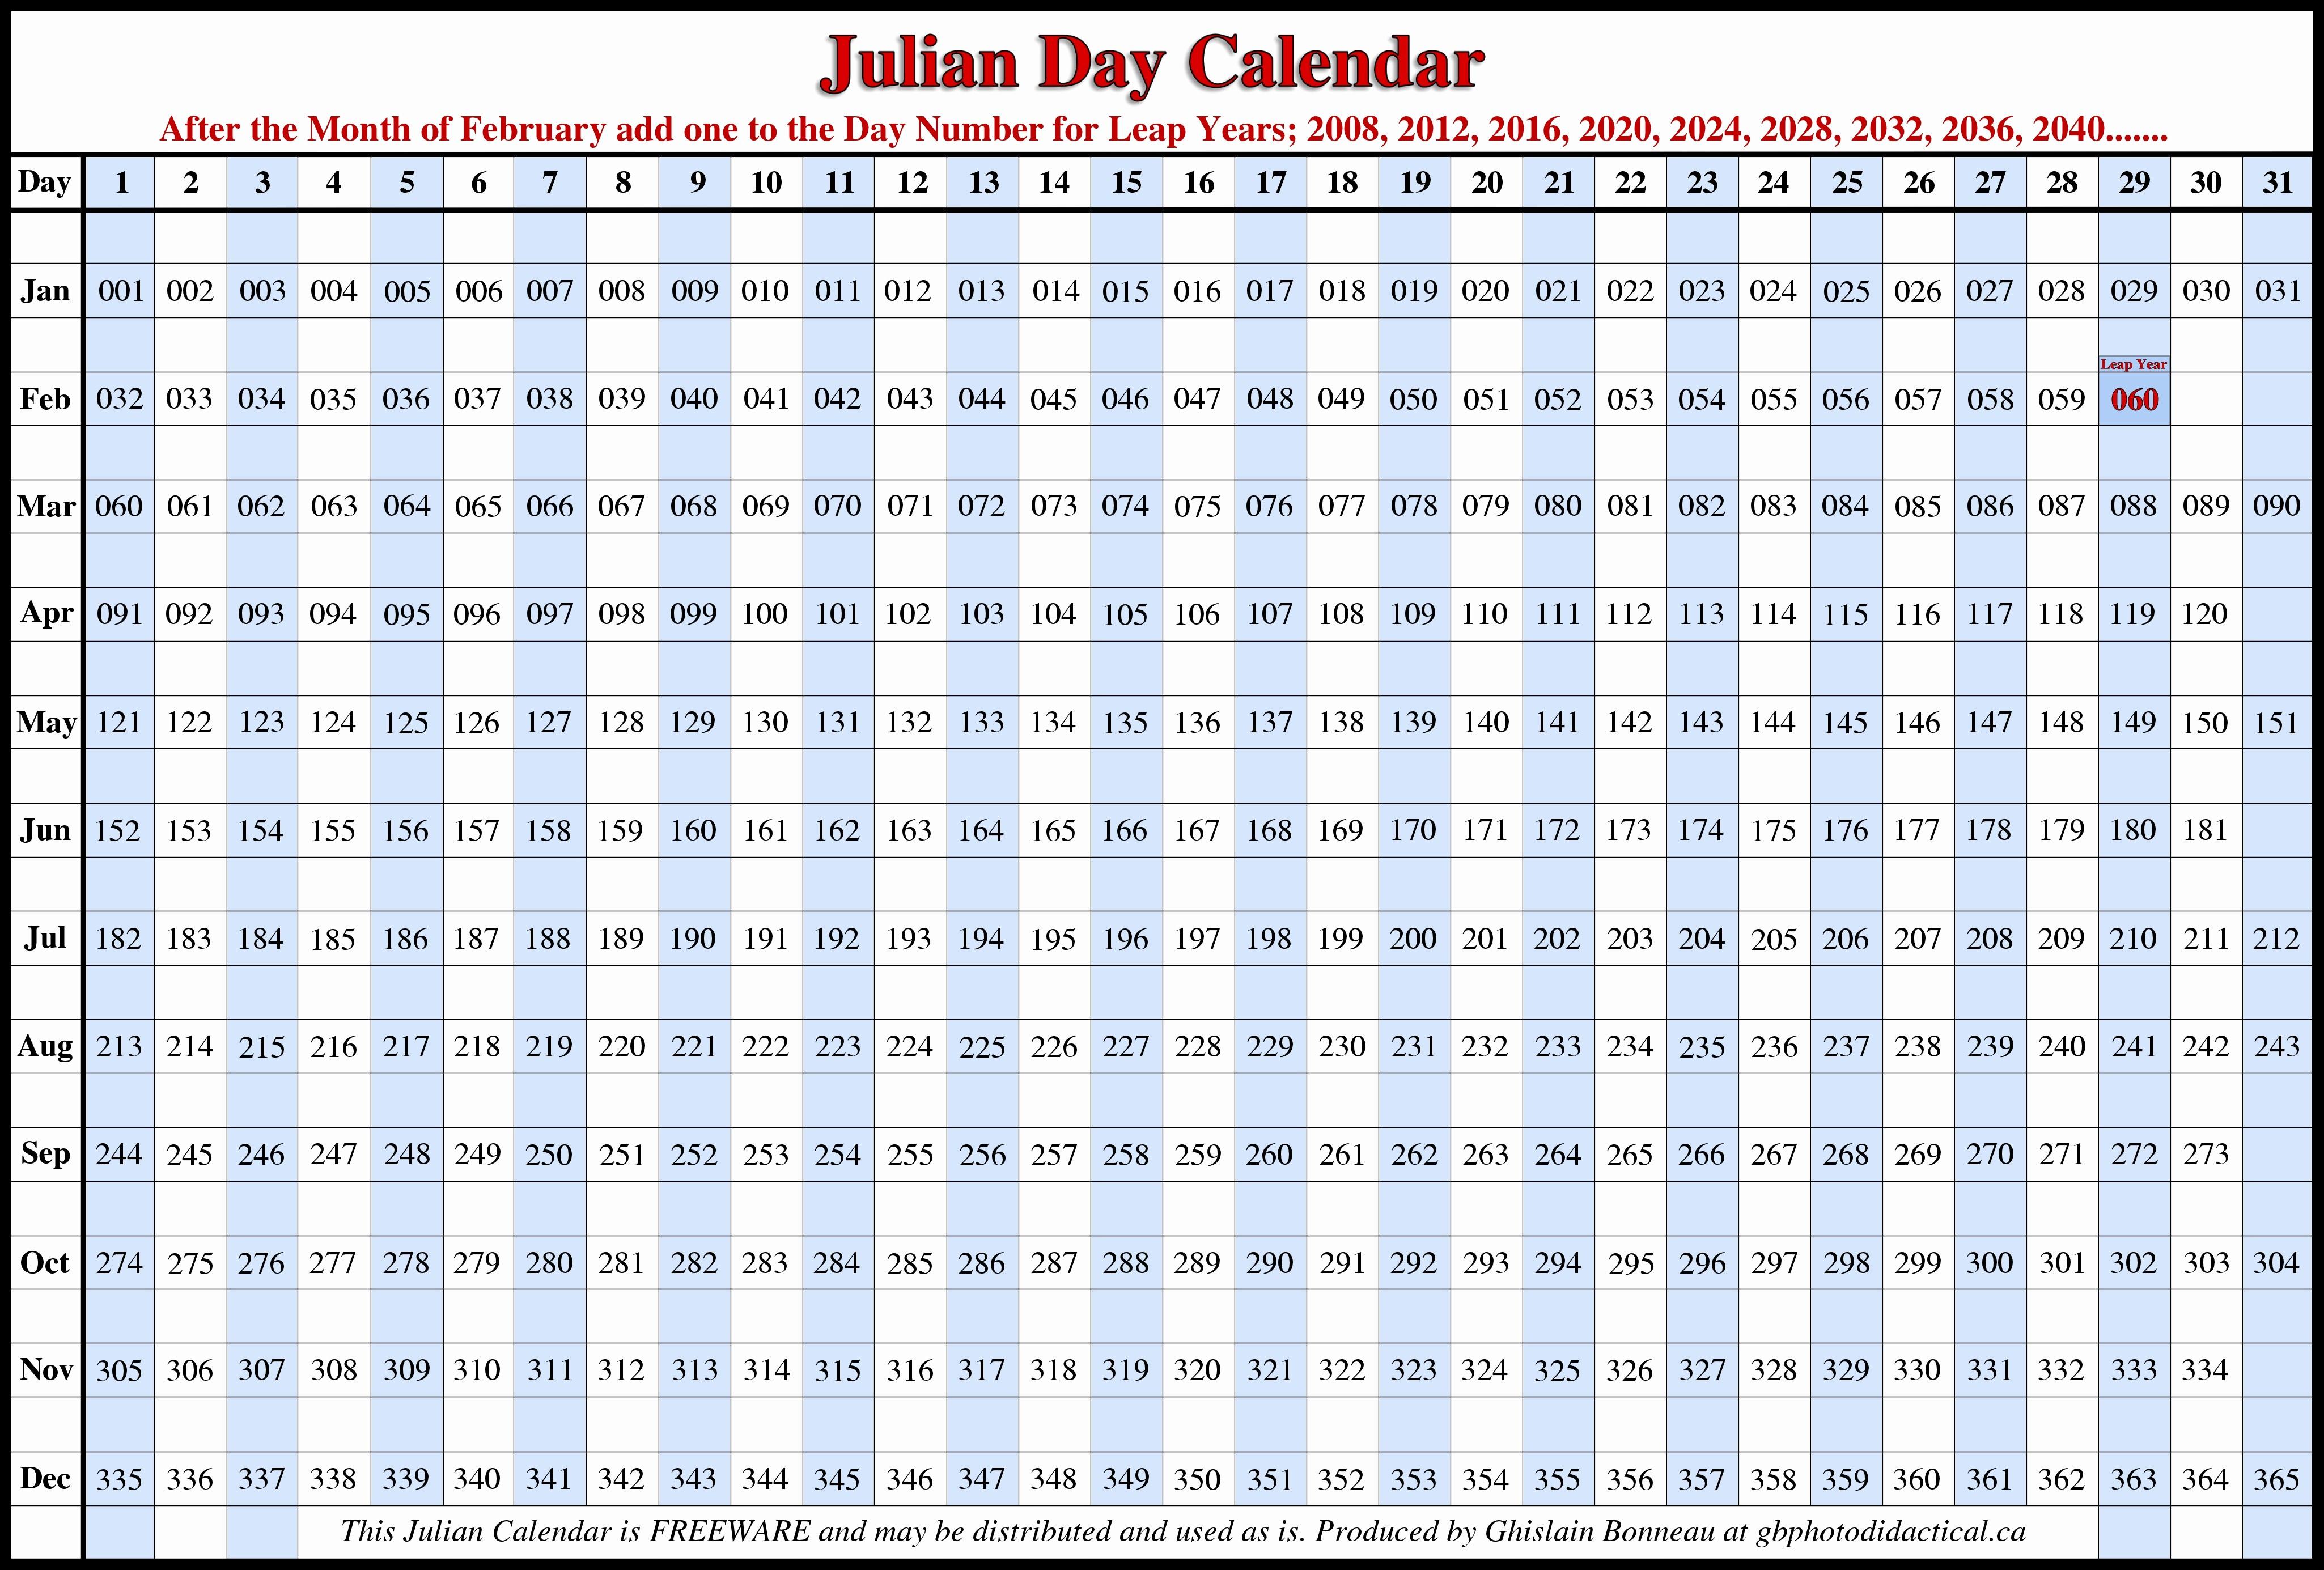 2018 Calendar with Julian Dates Lovely Us Navy Julian Date Calendar 2018